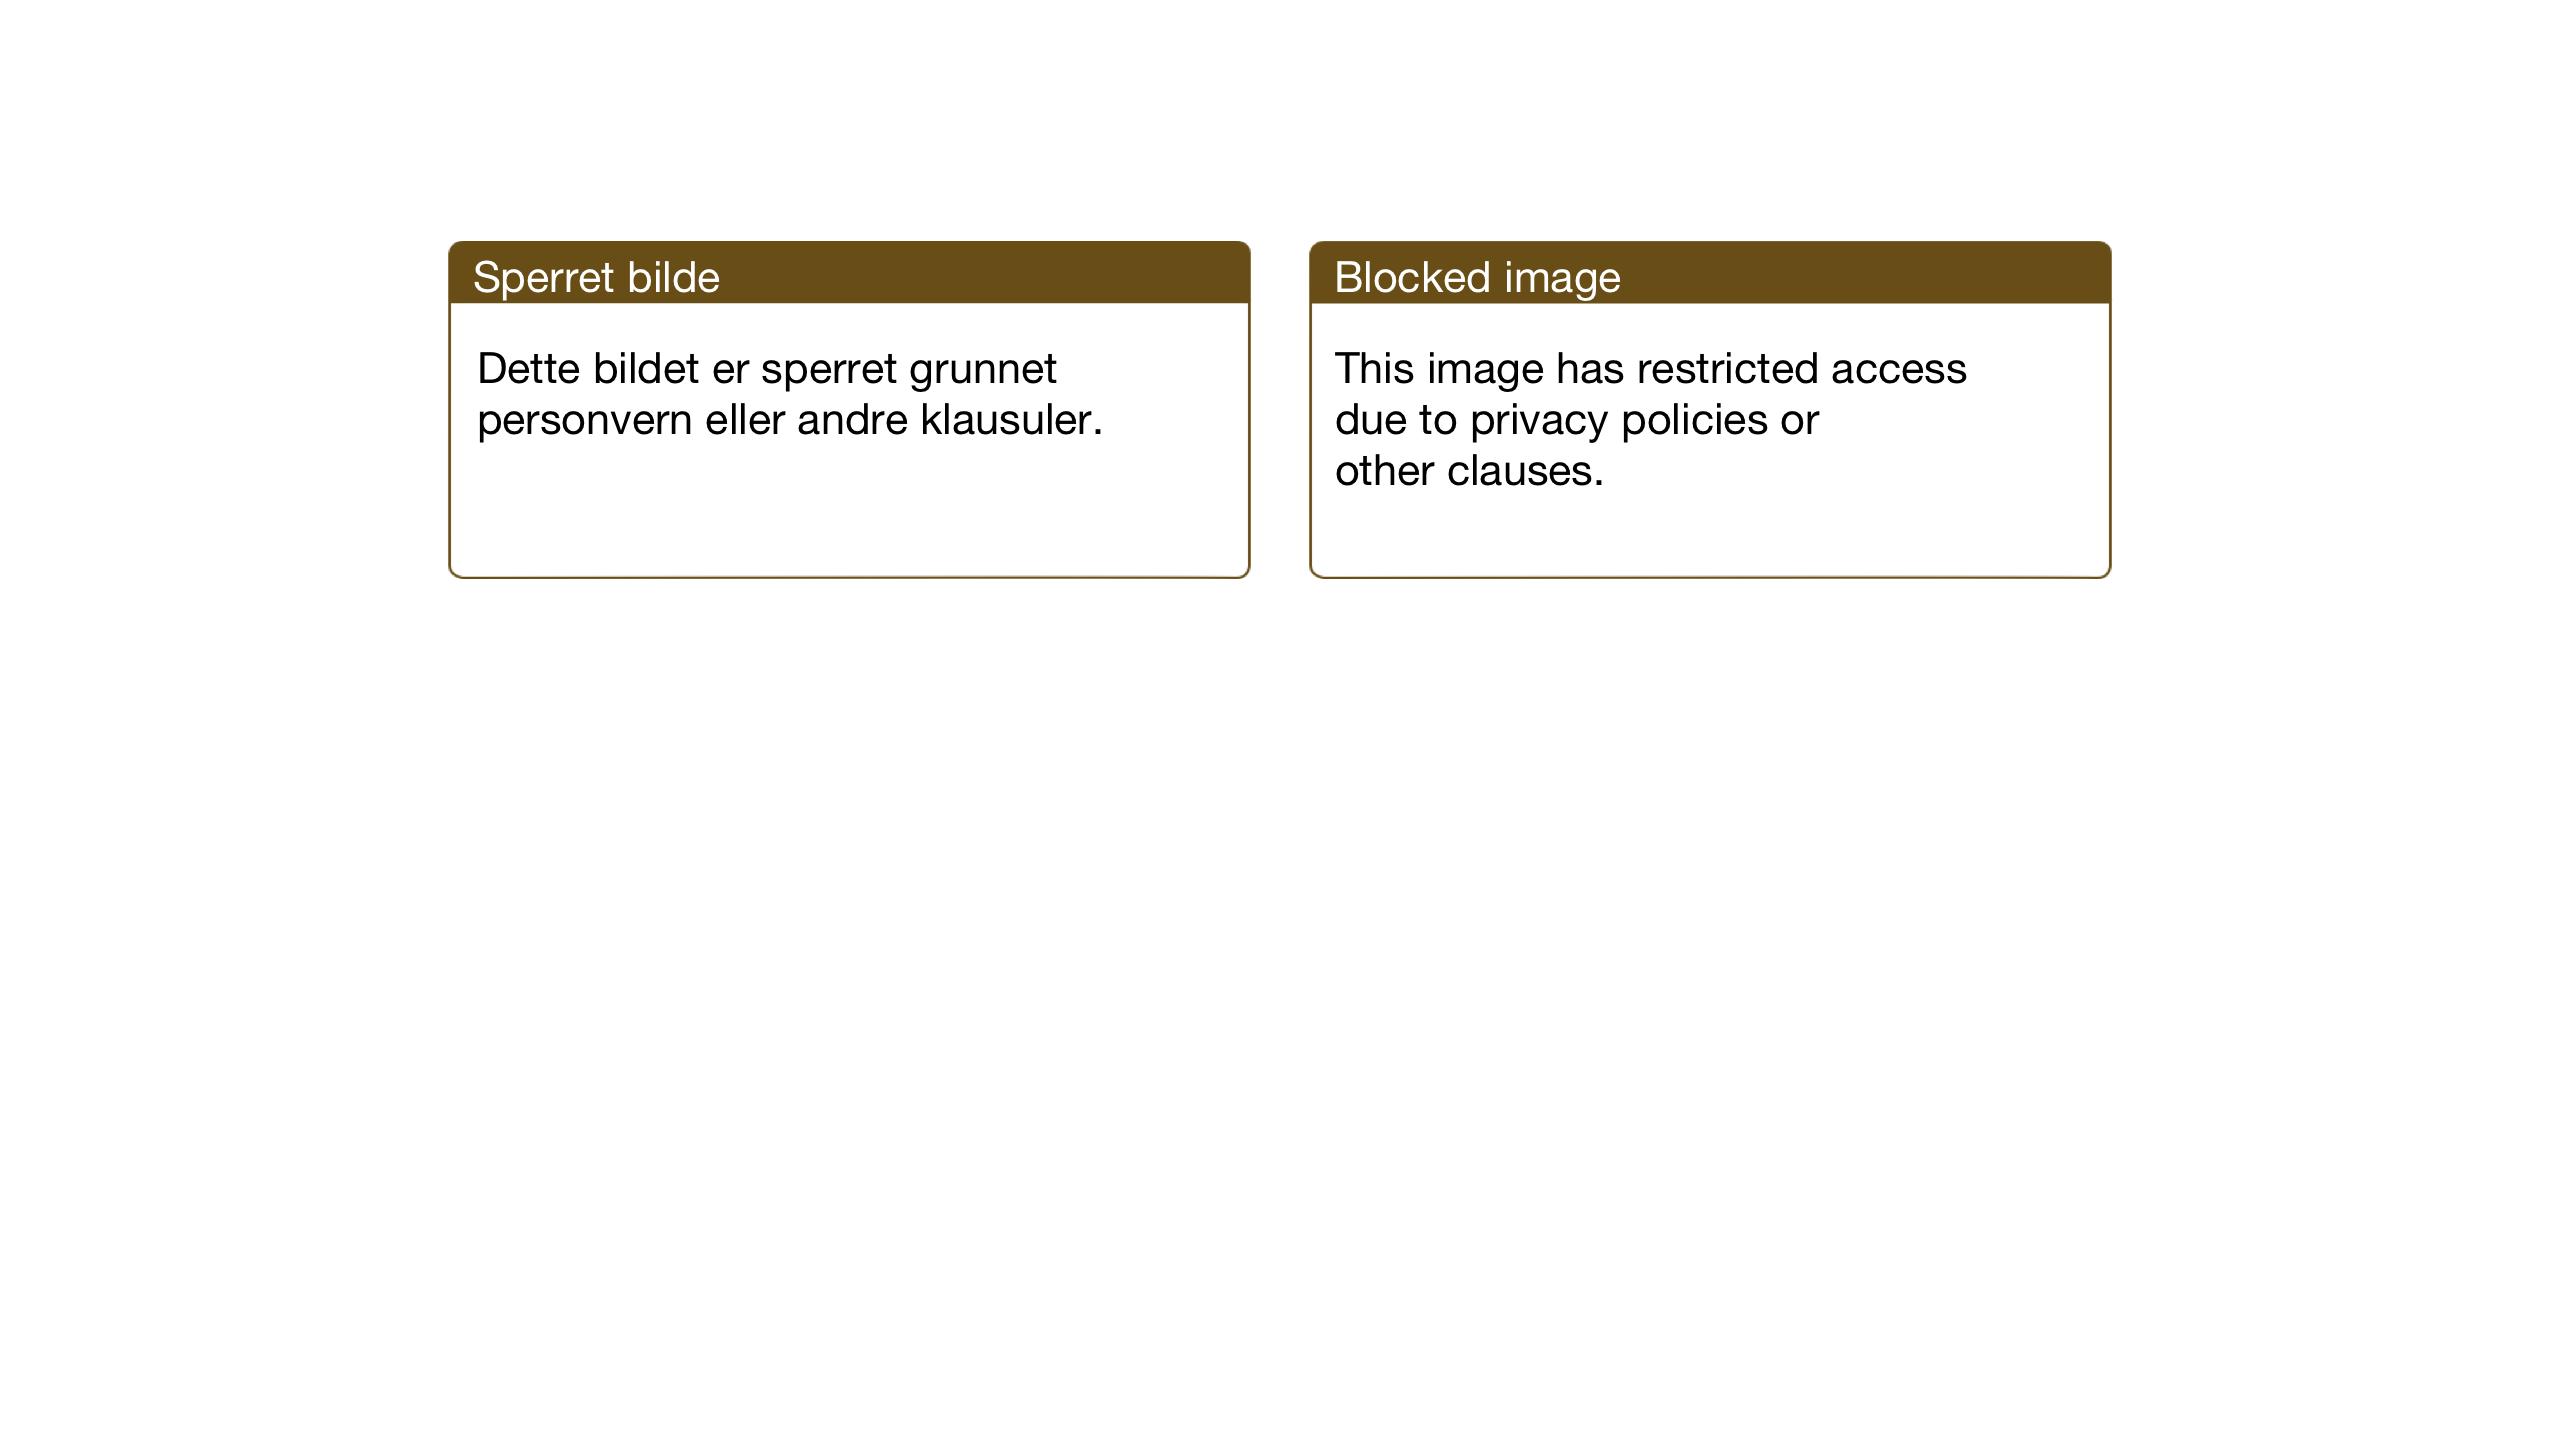 SAT, Ministerialprotokoller, klokkerbøker og fødselsregistre - Sør-Trøndelag, 655/L0690: Klokkerbok nr. 655C06, 1937-1950, s. 57